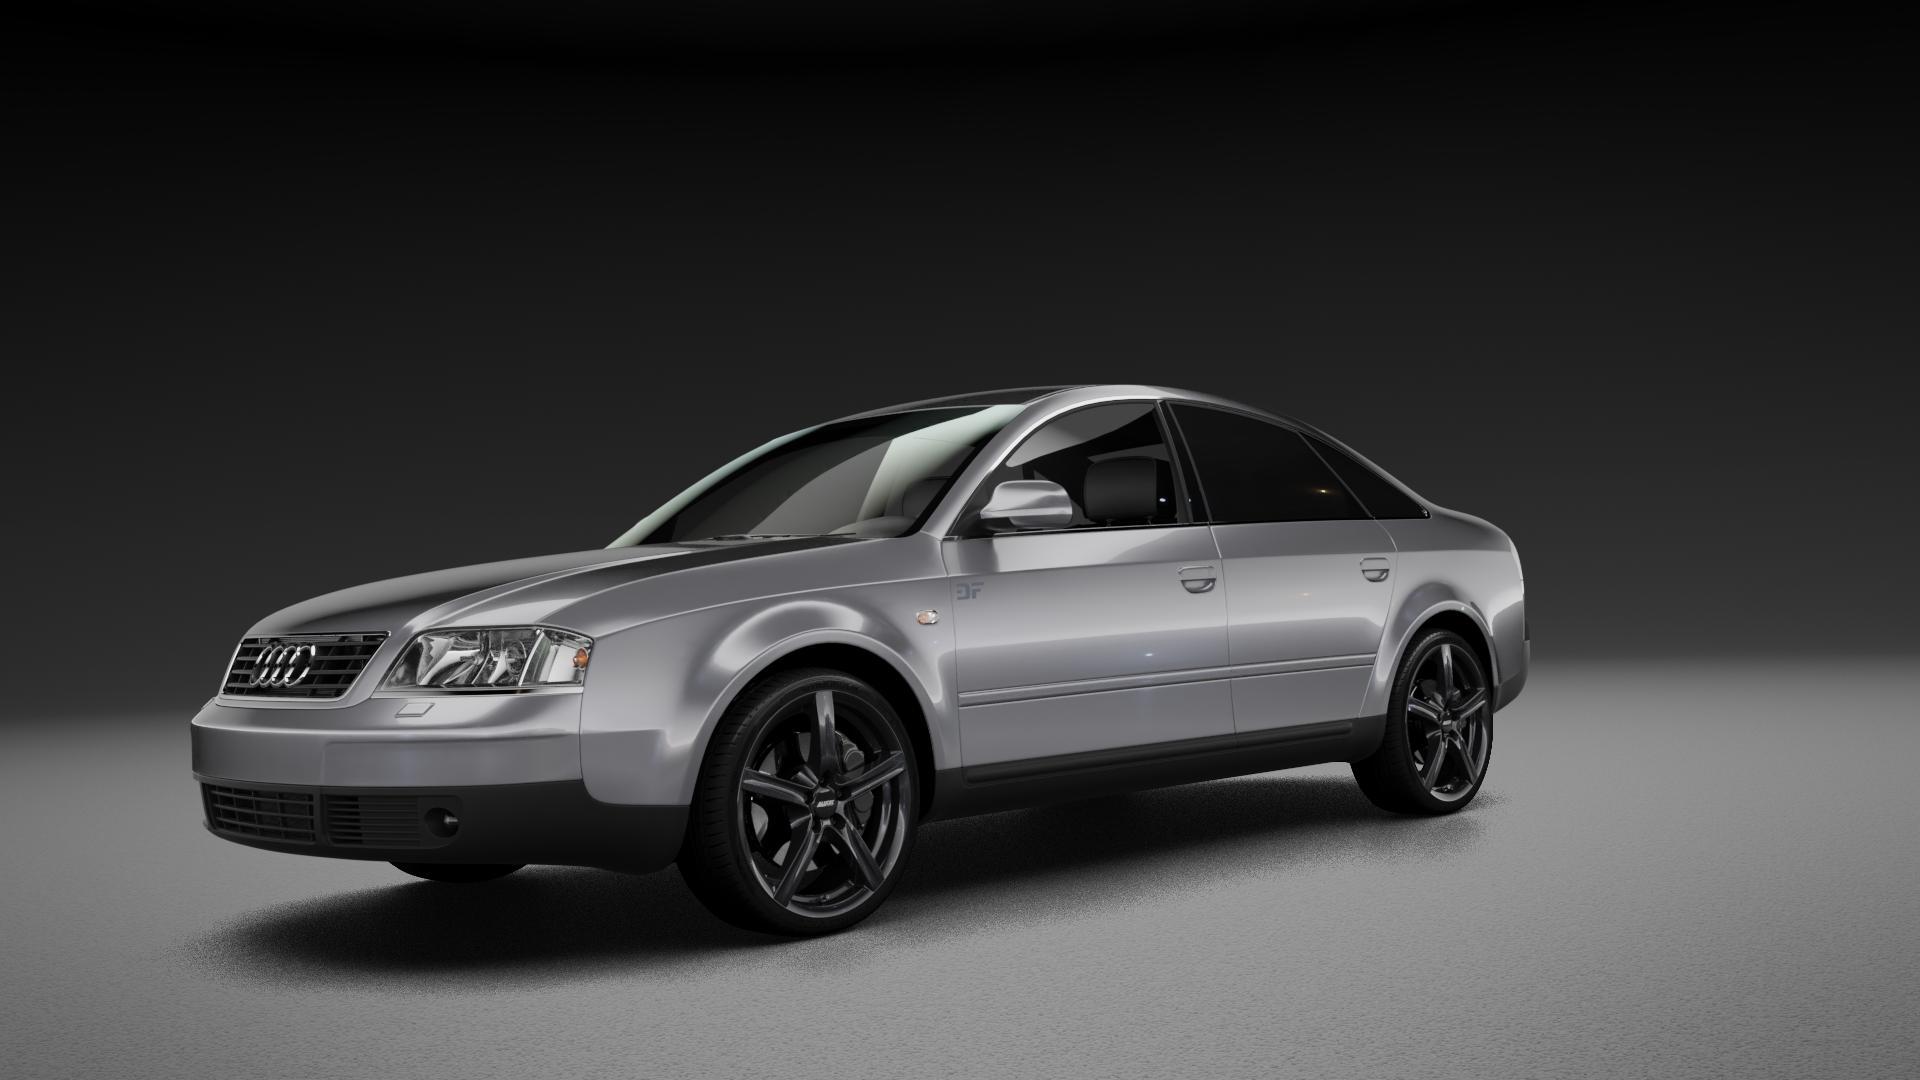 ALUTEC Grip graphit Felge mit Reifen grau in 18Zoll Winterfelge Alufelge auf silbernem Audi A6 Typ 4B/C5 (Limousine) ⬇️ mit 15mm Tieferlegung ⬇️ Neutral_mid_max5300mm Frontansicht_1